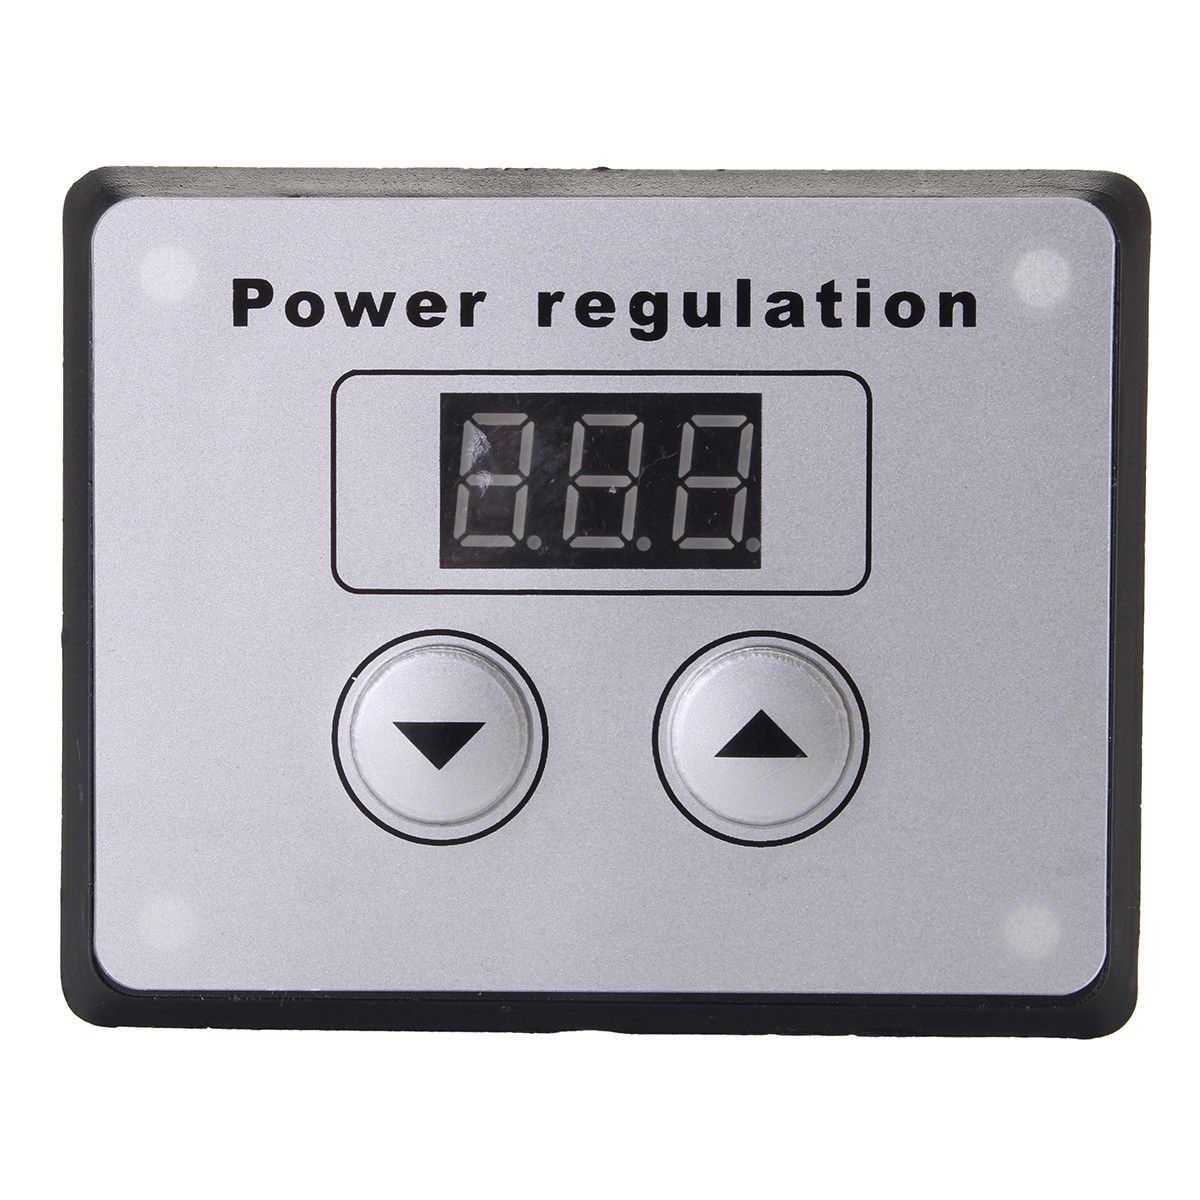 Высокое качество напряжение мощность регулятор 4000 Вт В 220 В AC SCR напряжение регулятор диммер Электрический двигатель Регулятор скорости